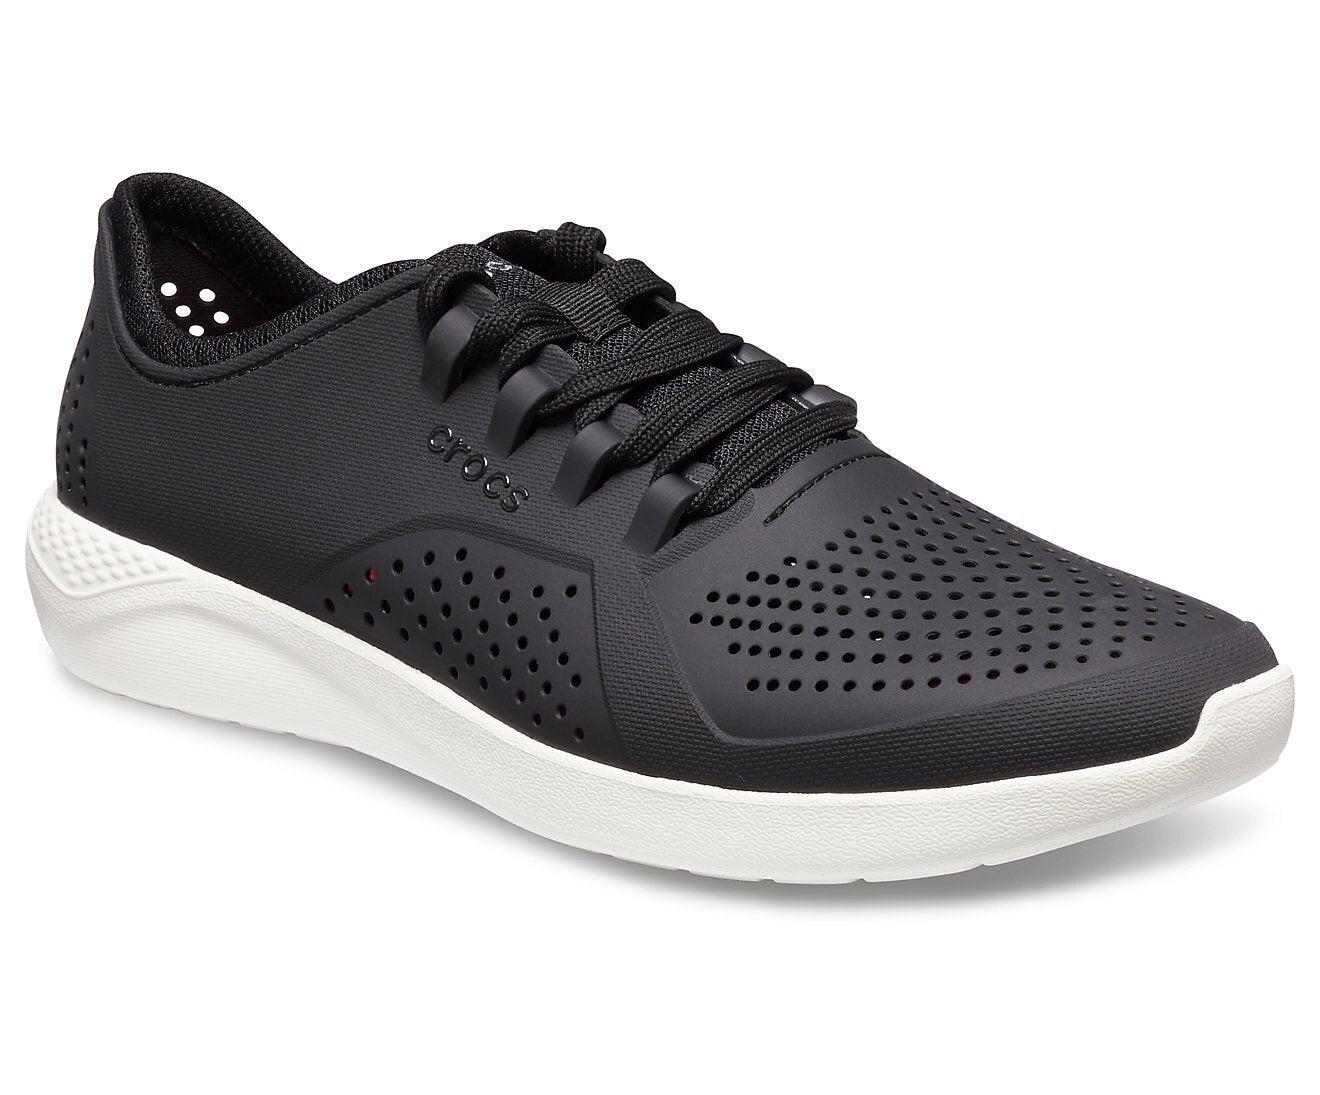 Crocs Men's LiteRide Pacer Sneakers Shoes Runners BlackWhite